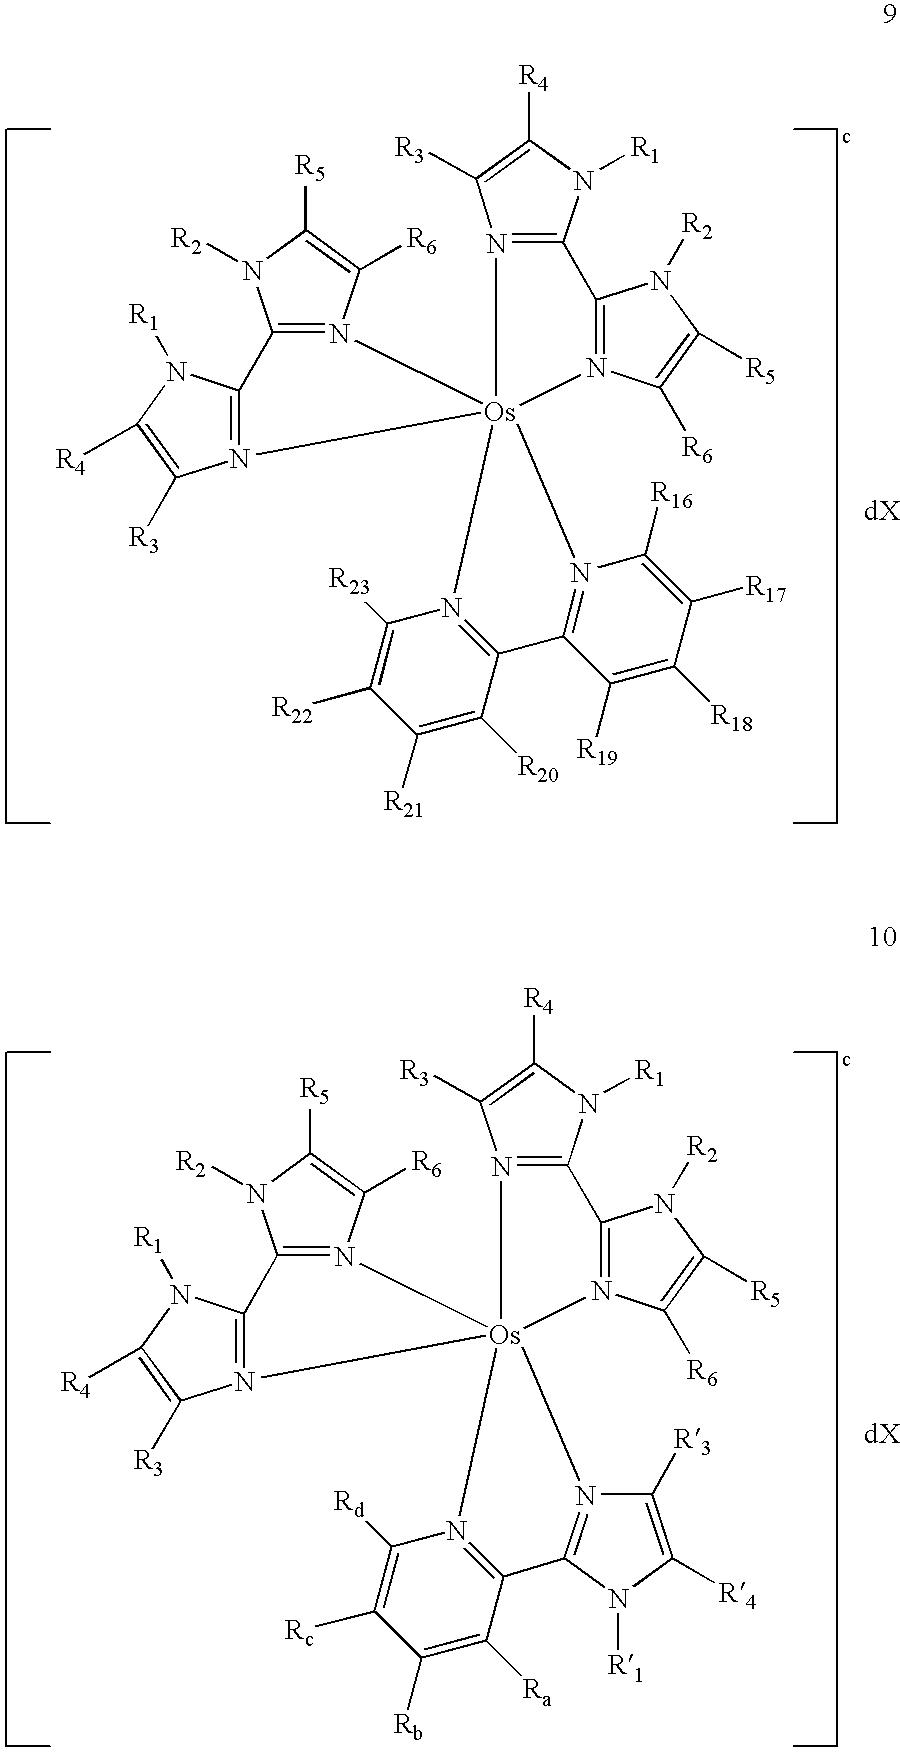 Figure US20040040840A1-20040304-C00011